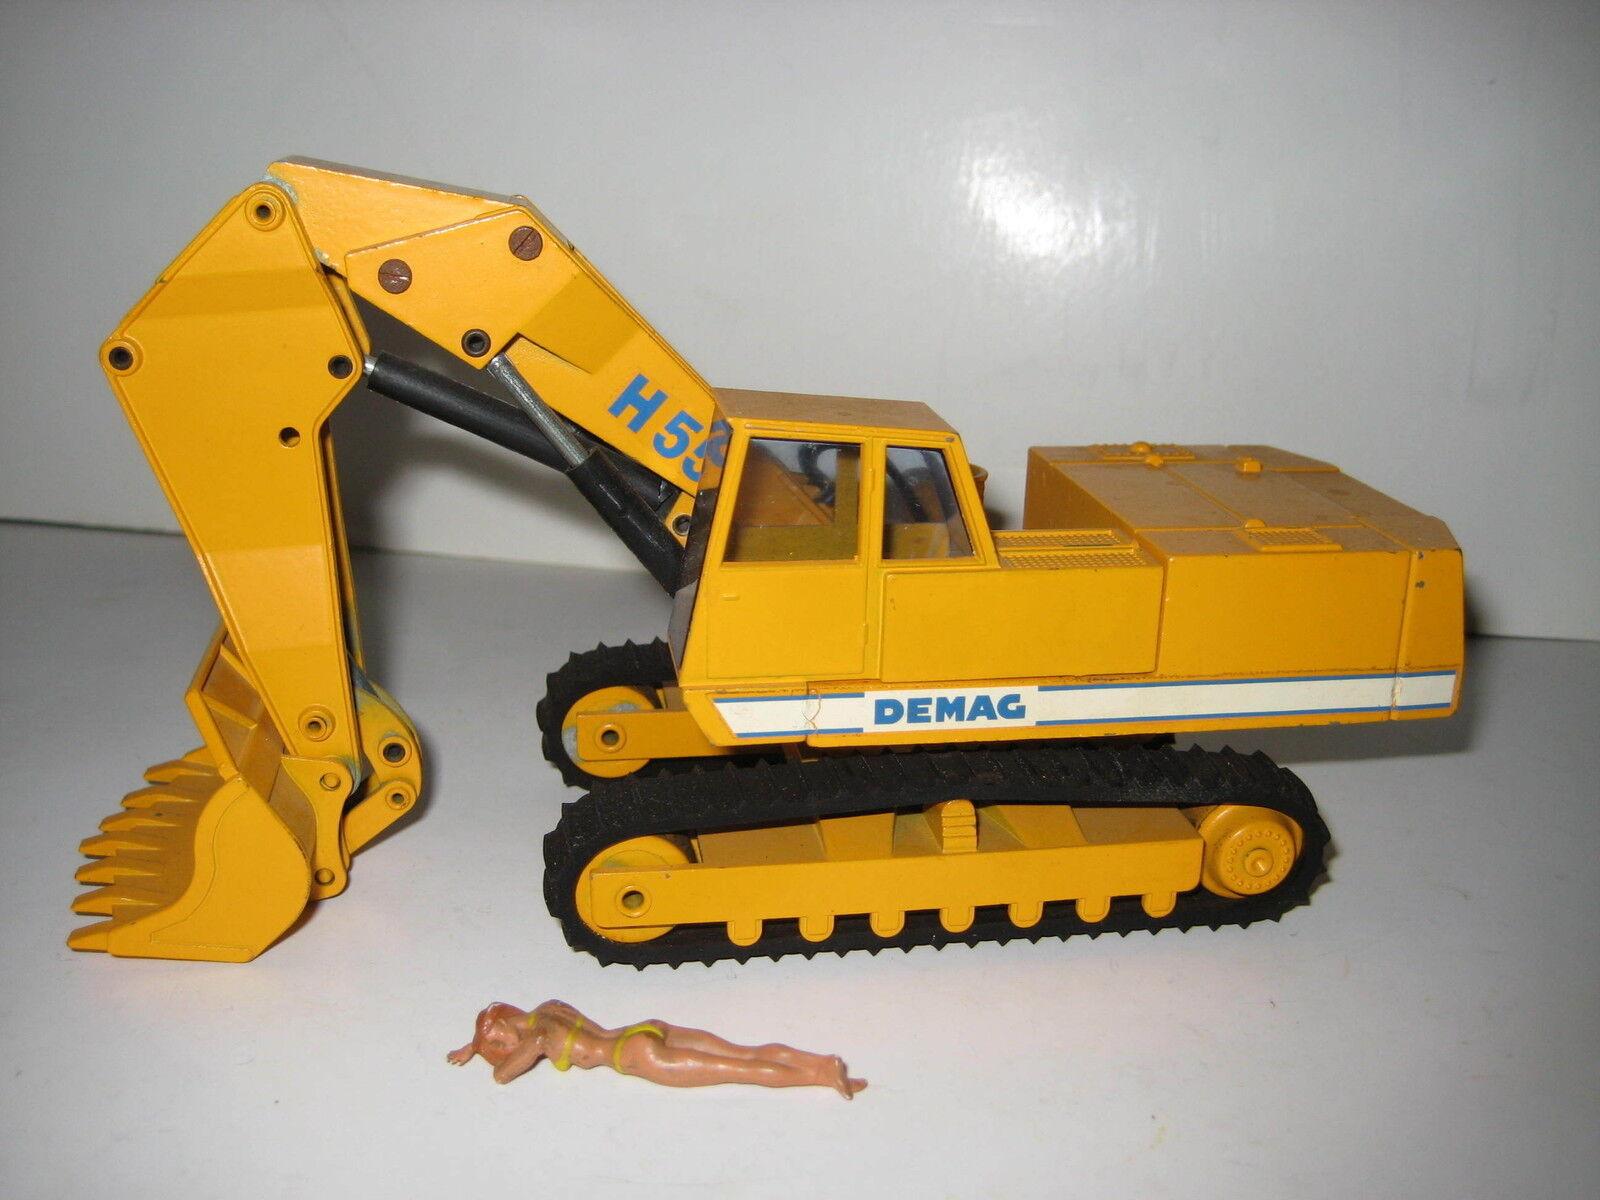 DEMAG H 55 55 55 Excavateurs hochlöffel vers à soie #113.6 NZG 1:50 | Terrific Value  d54e5c